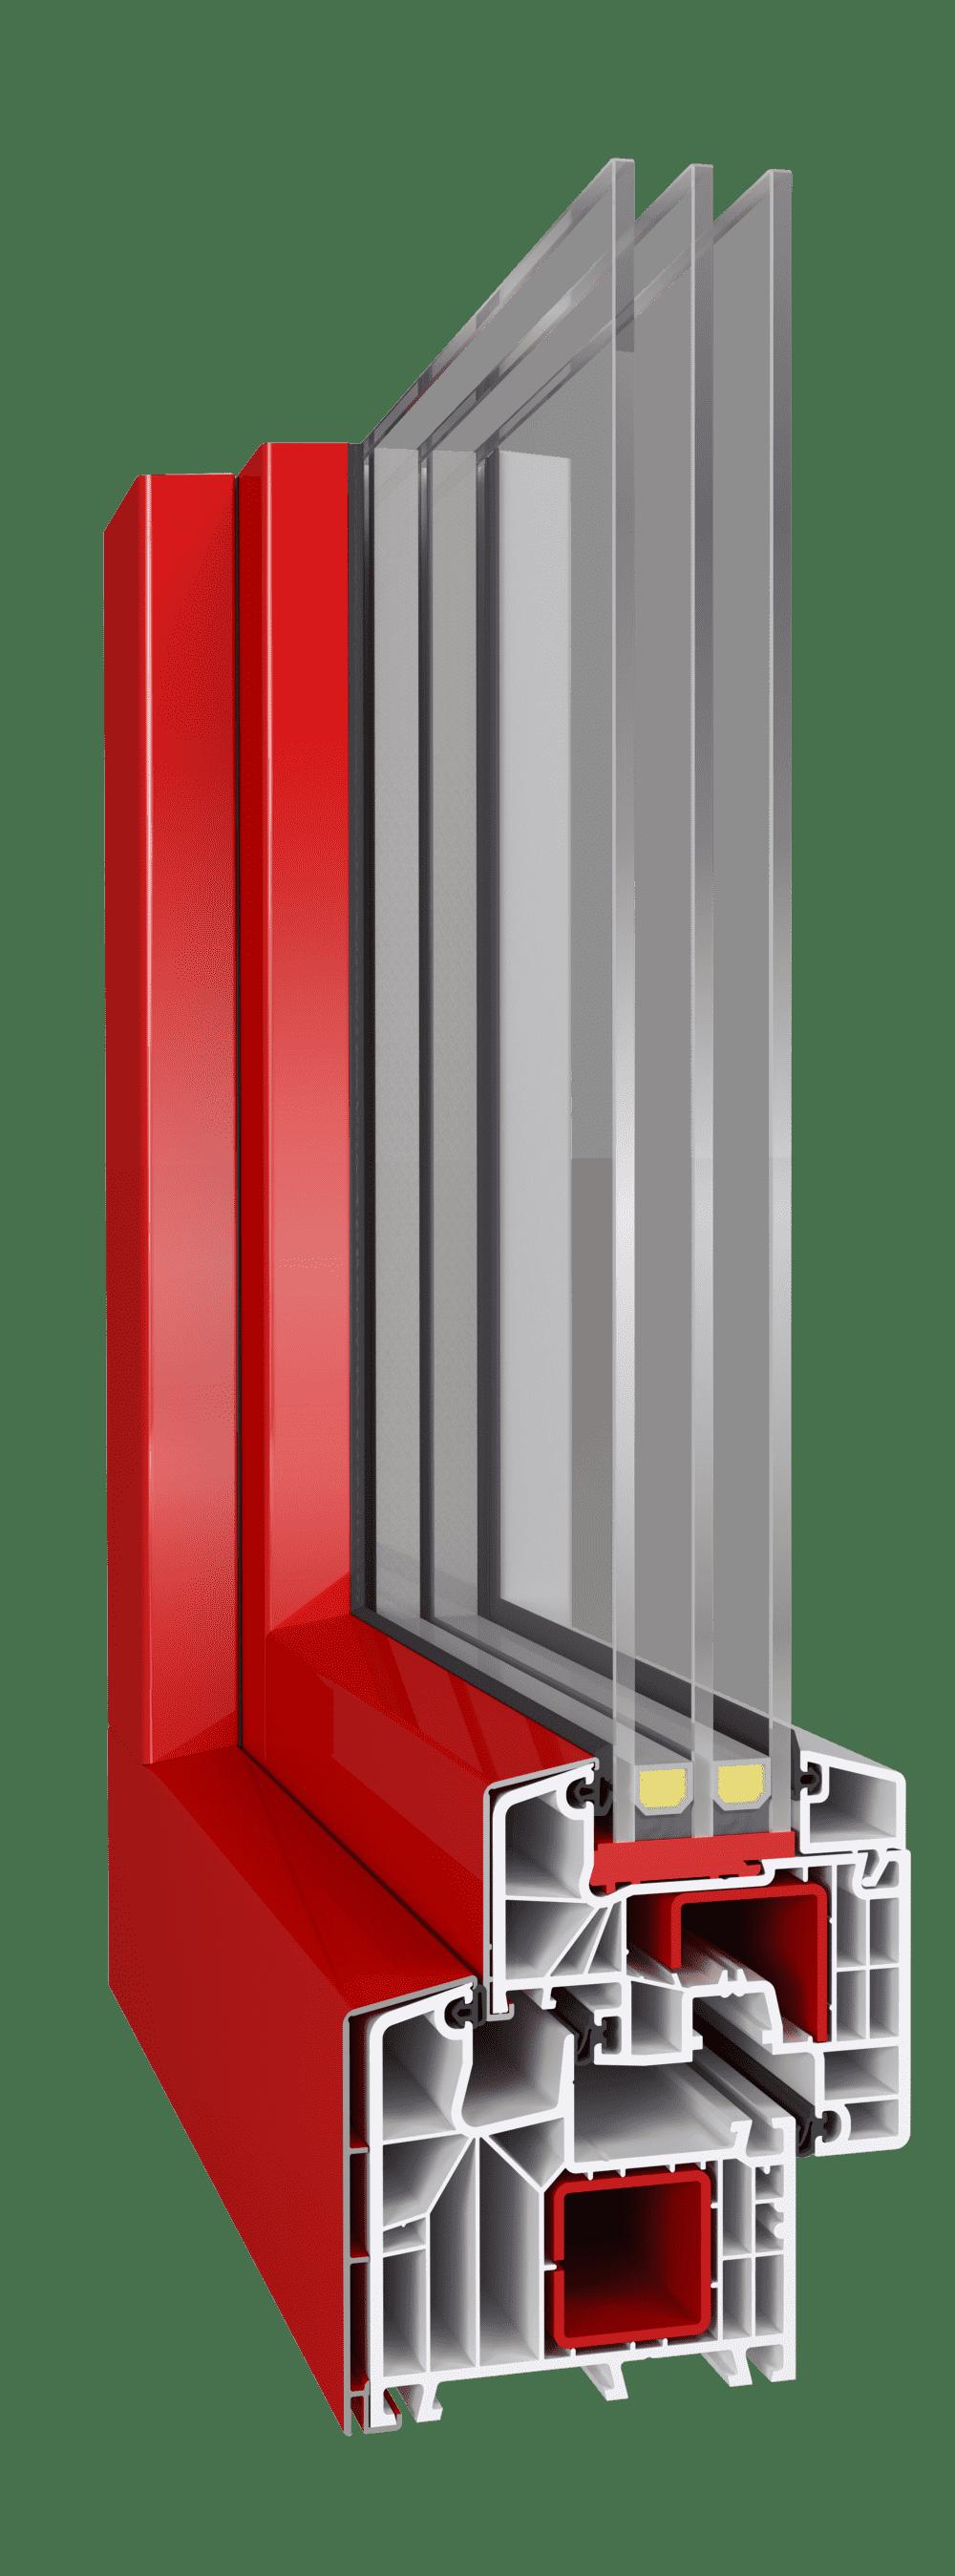 Алюмінієві накладки aluskin для зовнішнього декорування металопластикових конструкцій від EKIPAZH